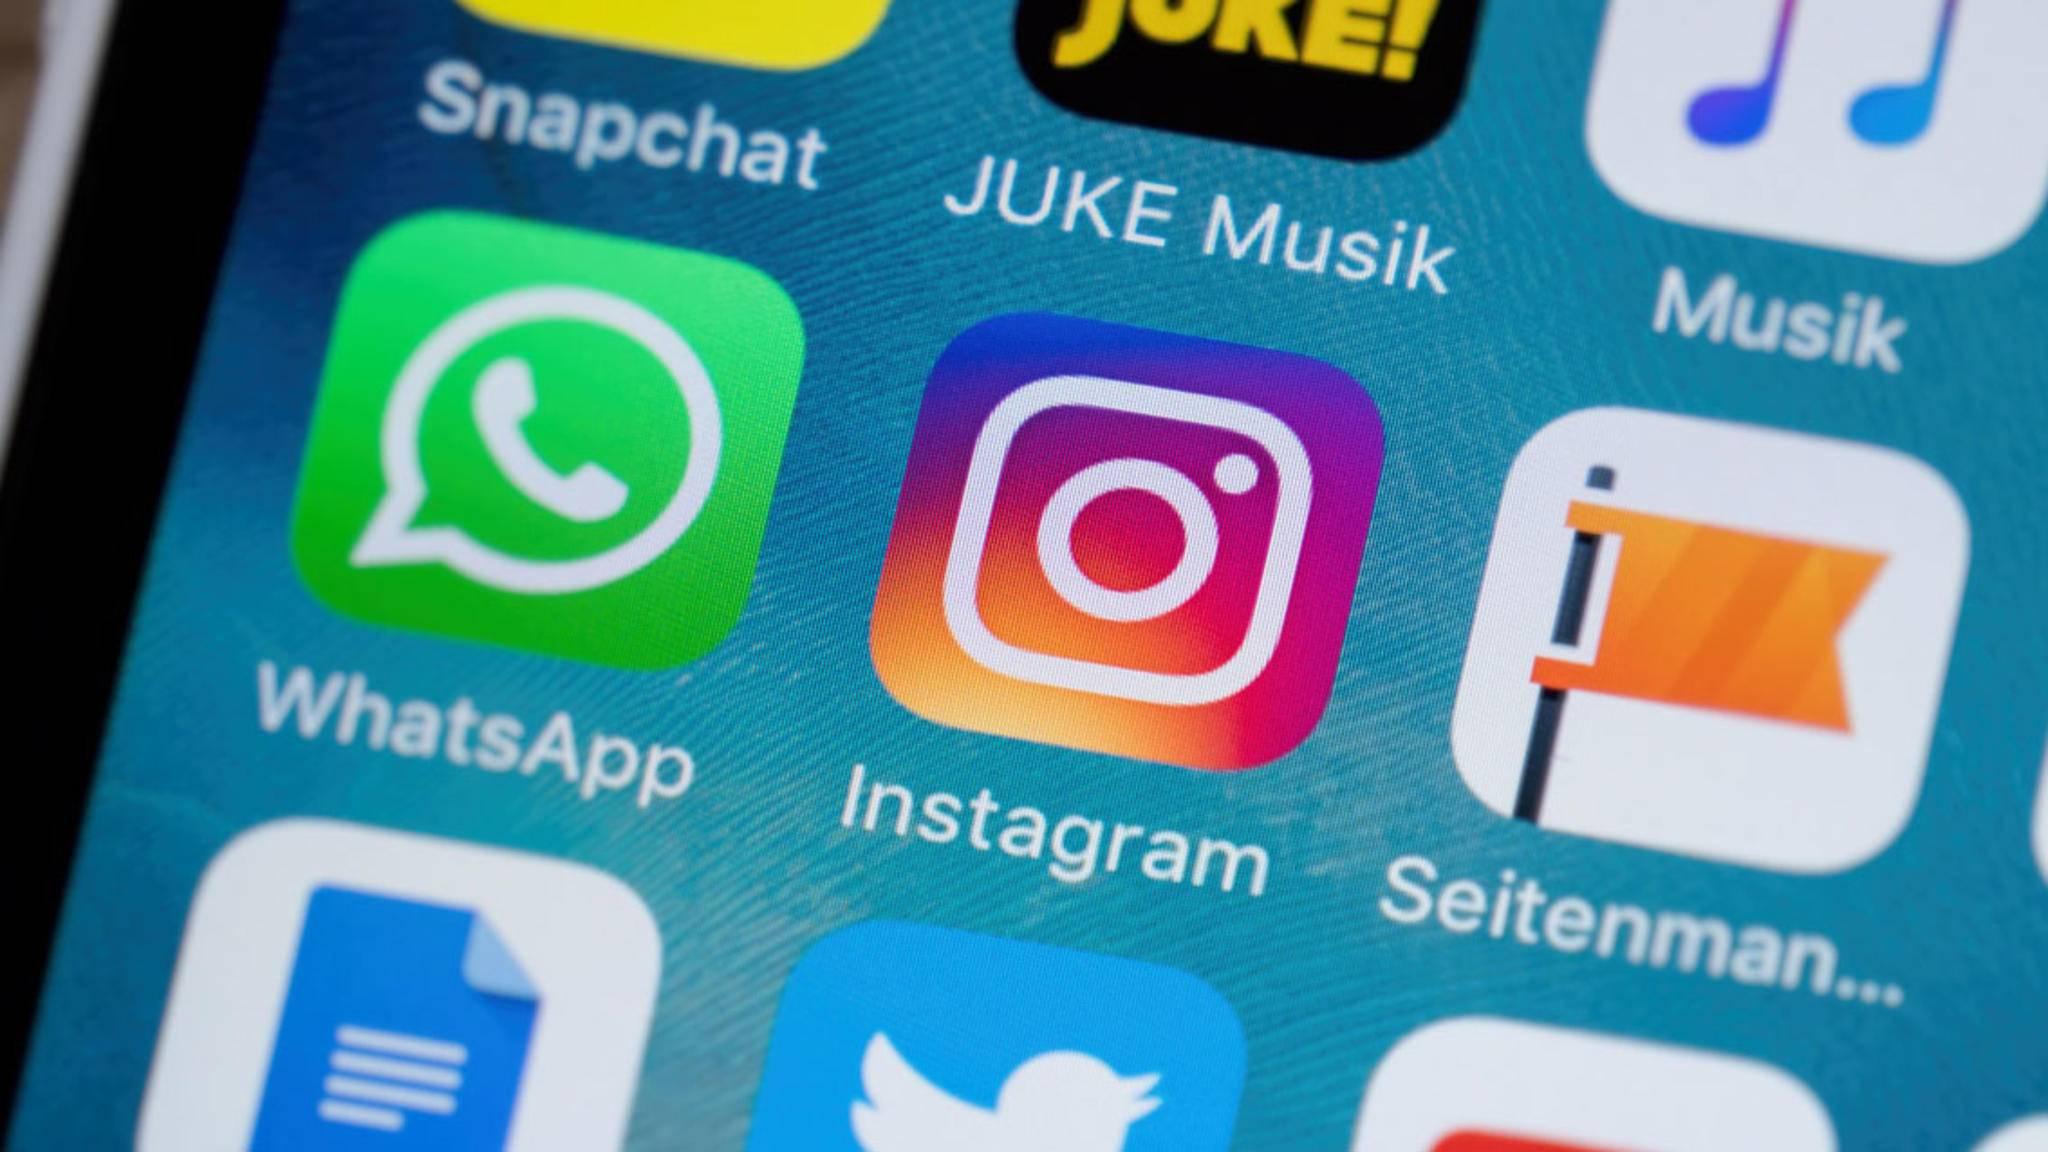 Instagram knackte Mitte 2011 die Marke von 100 Millionen hochgeladenen Fotos.